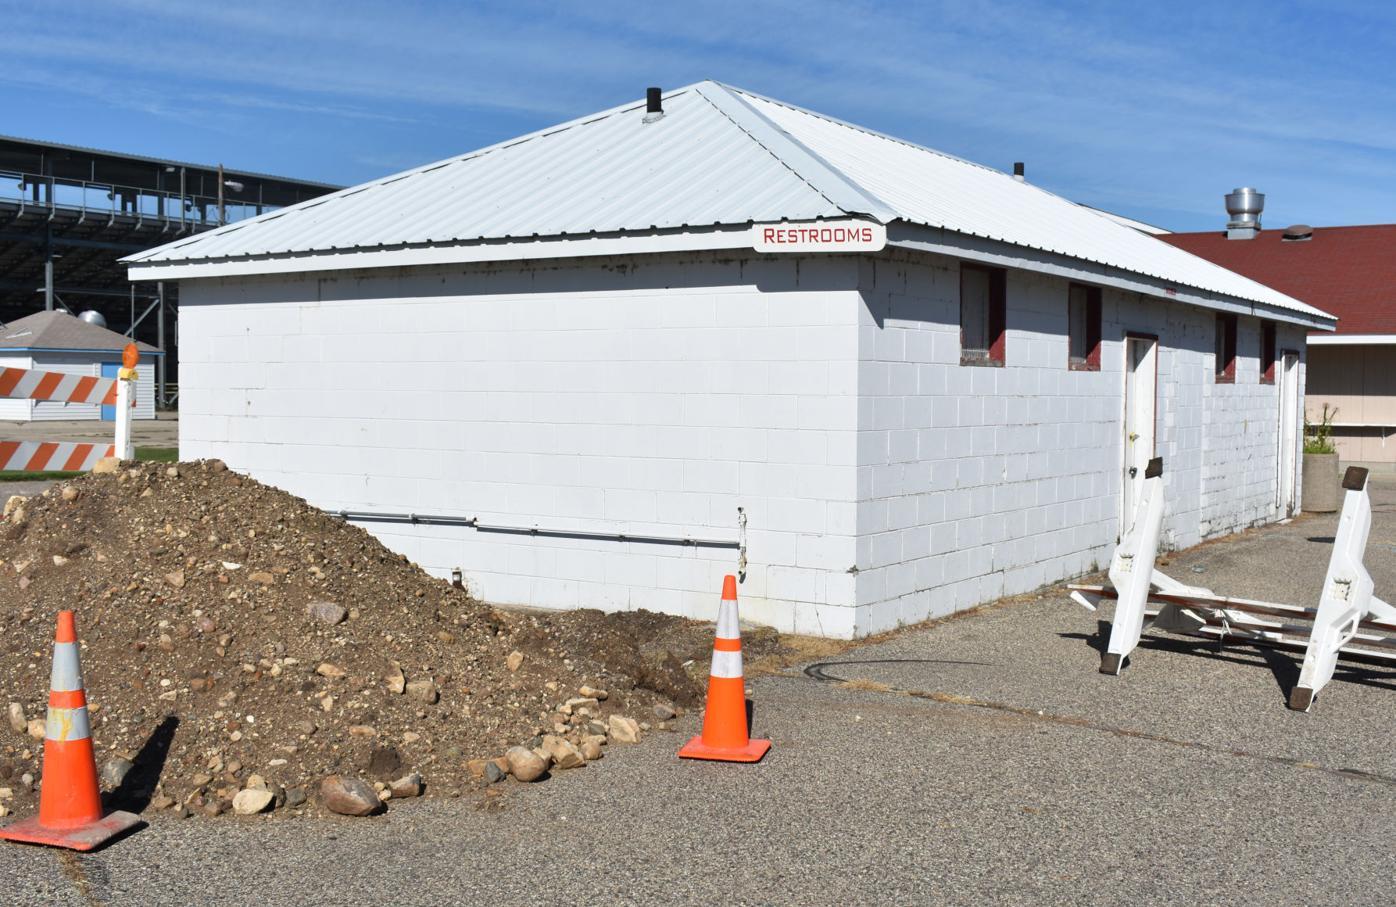 Fairground restrooms.jpg